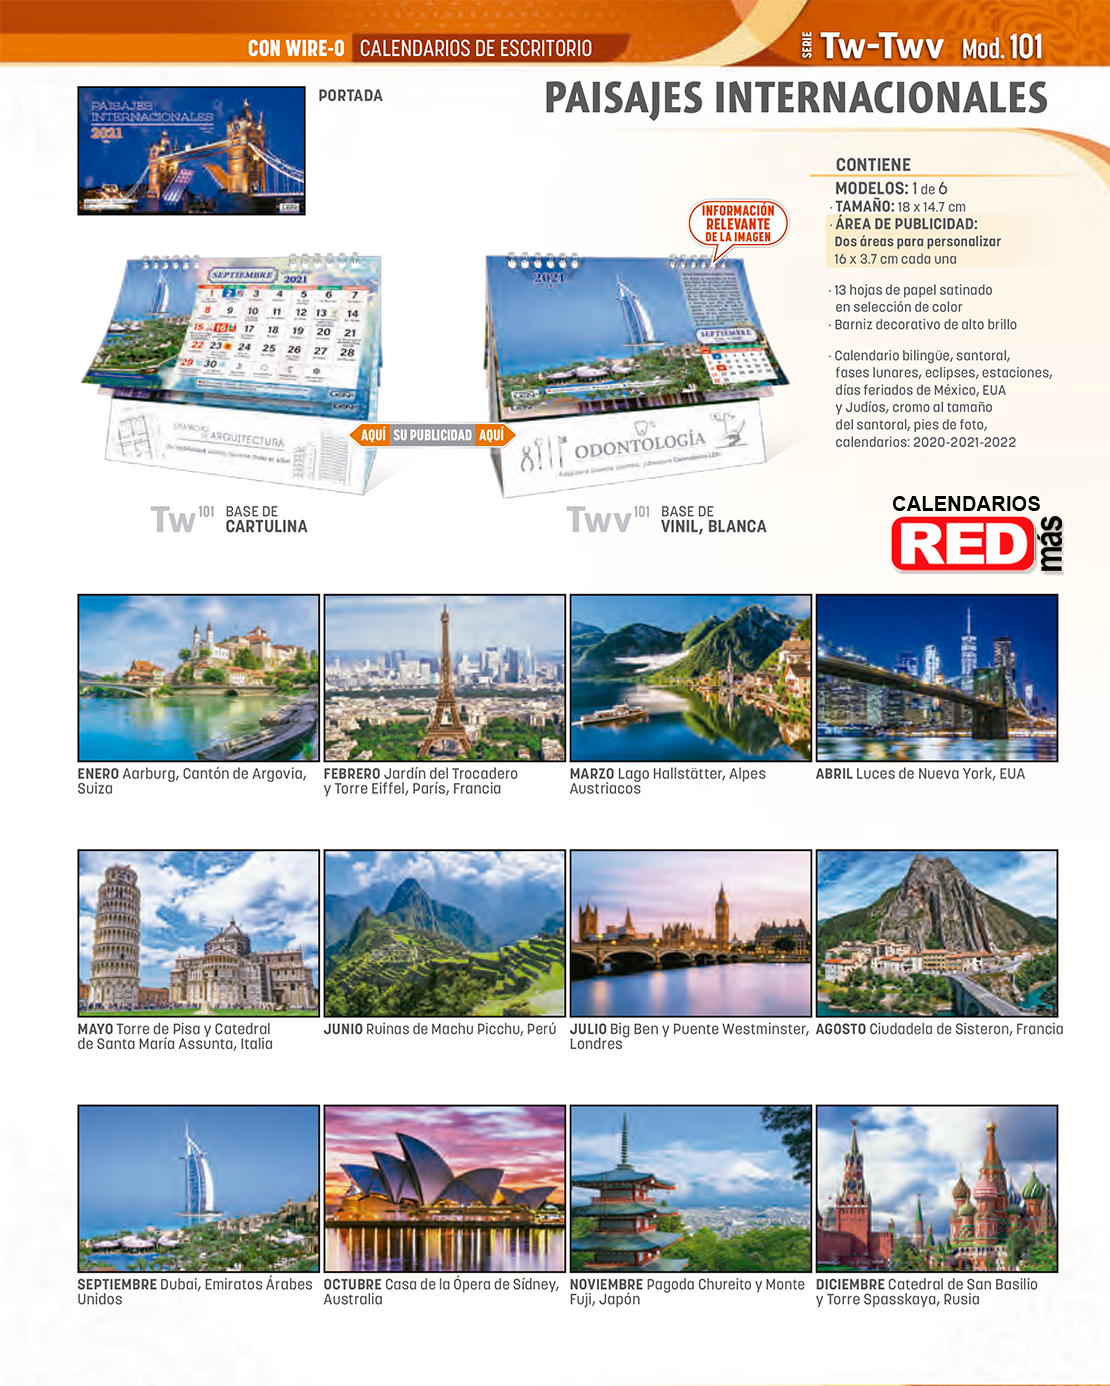 calendarios-len-2020-calendarios-red-calendarios-2020-Twv_001.jpg